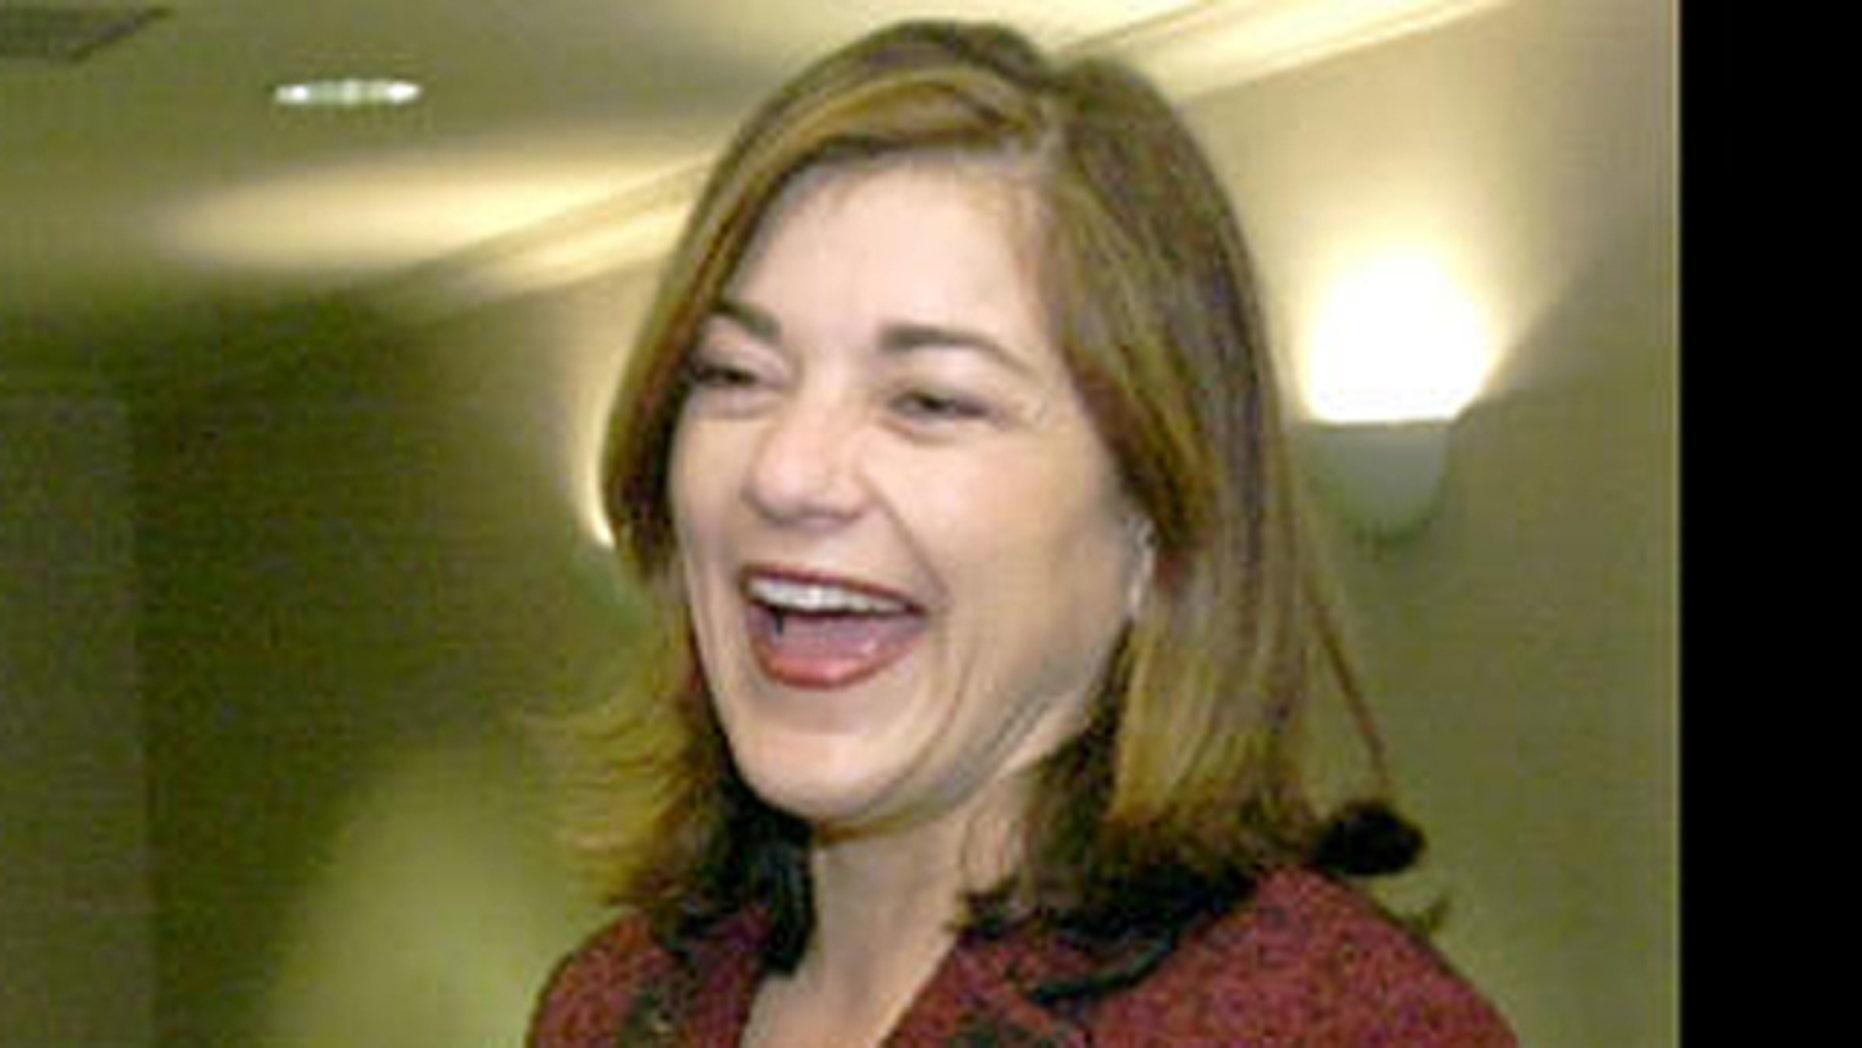 Rep. Loretta Sanchez has a laugh. (AP)